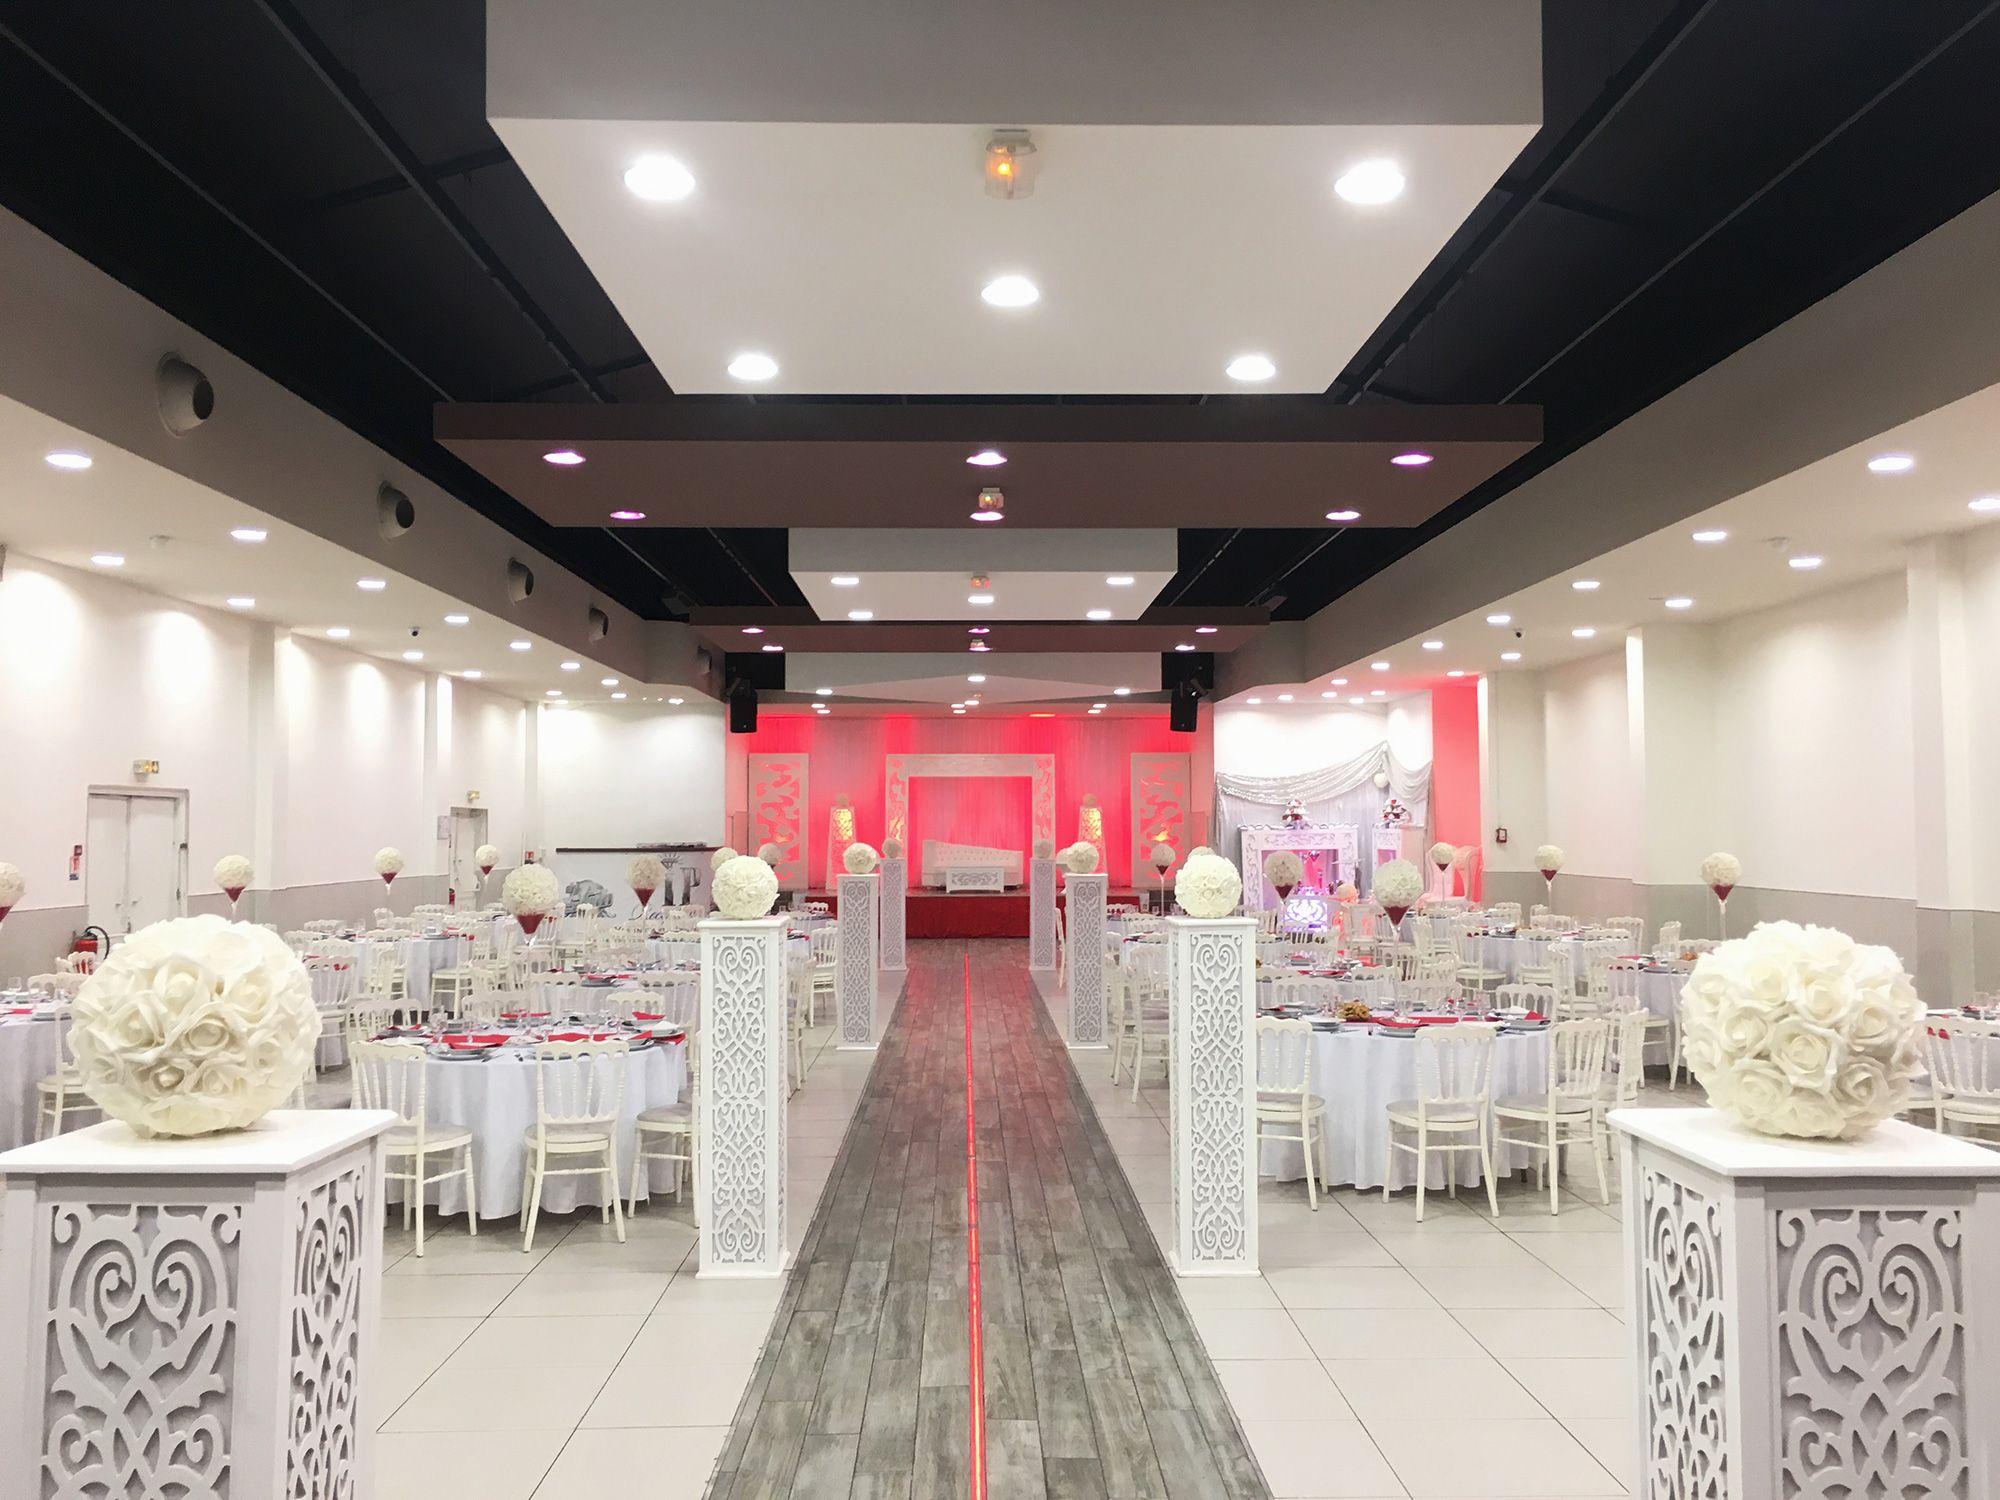 Salle De Mariage Luxe concernant vip réception \u2013 salle de mariage orientale  lyon